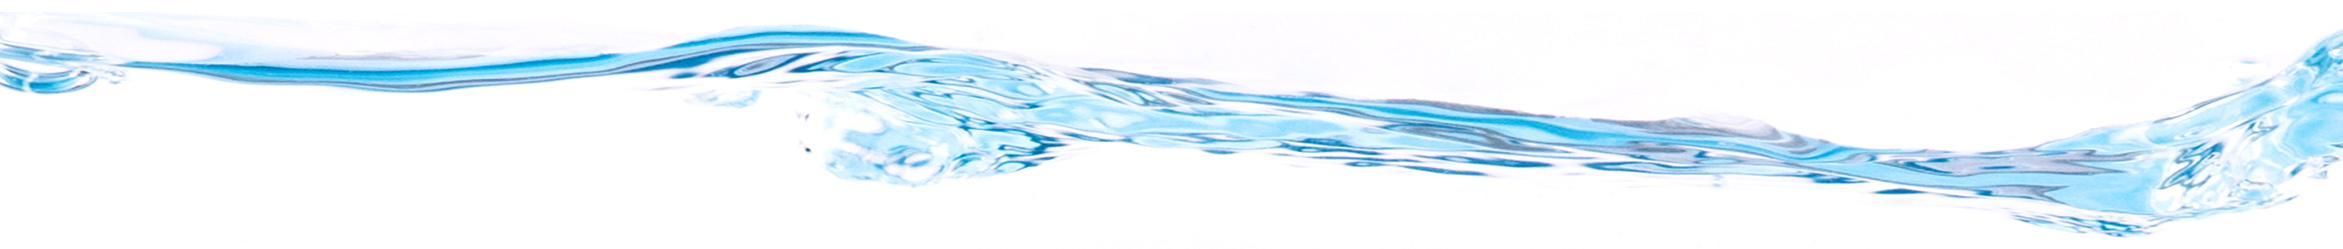 Foto con l'acqua